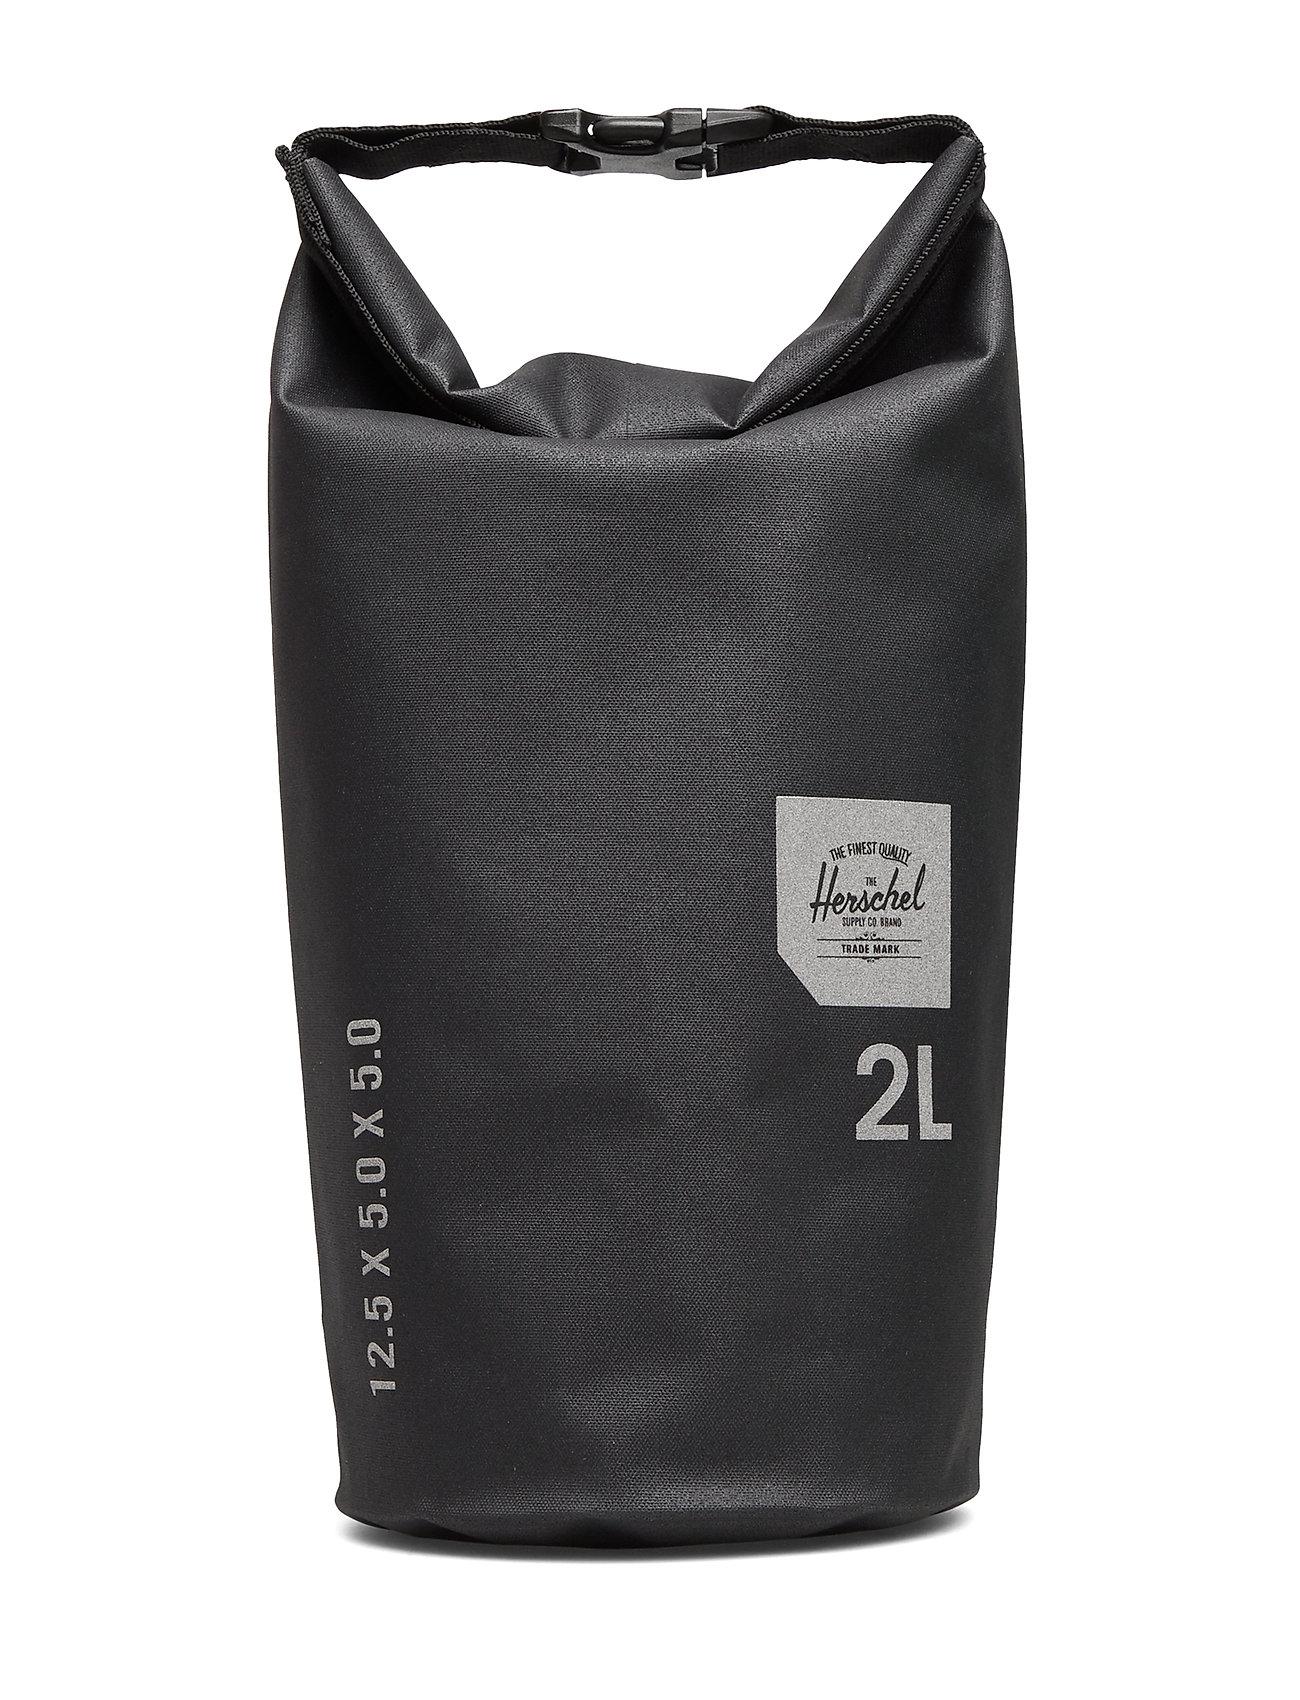 Herschel Dry Bag 2L-Black - BLACK